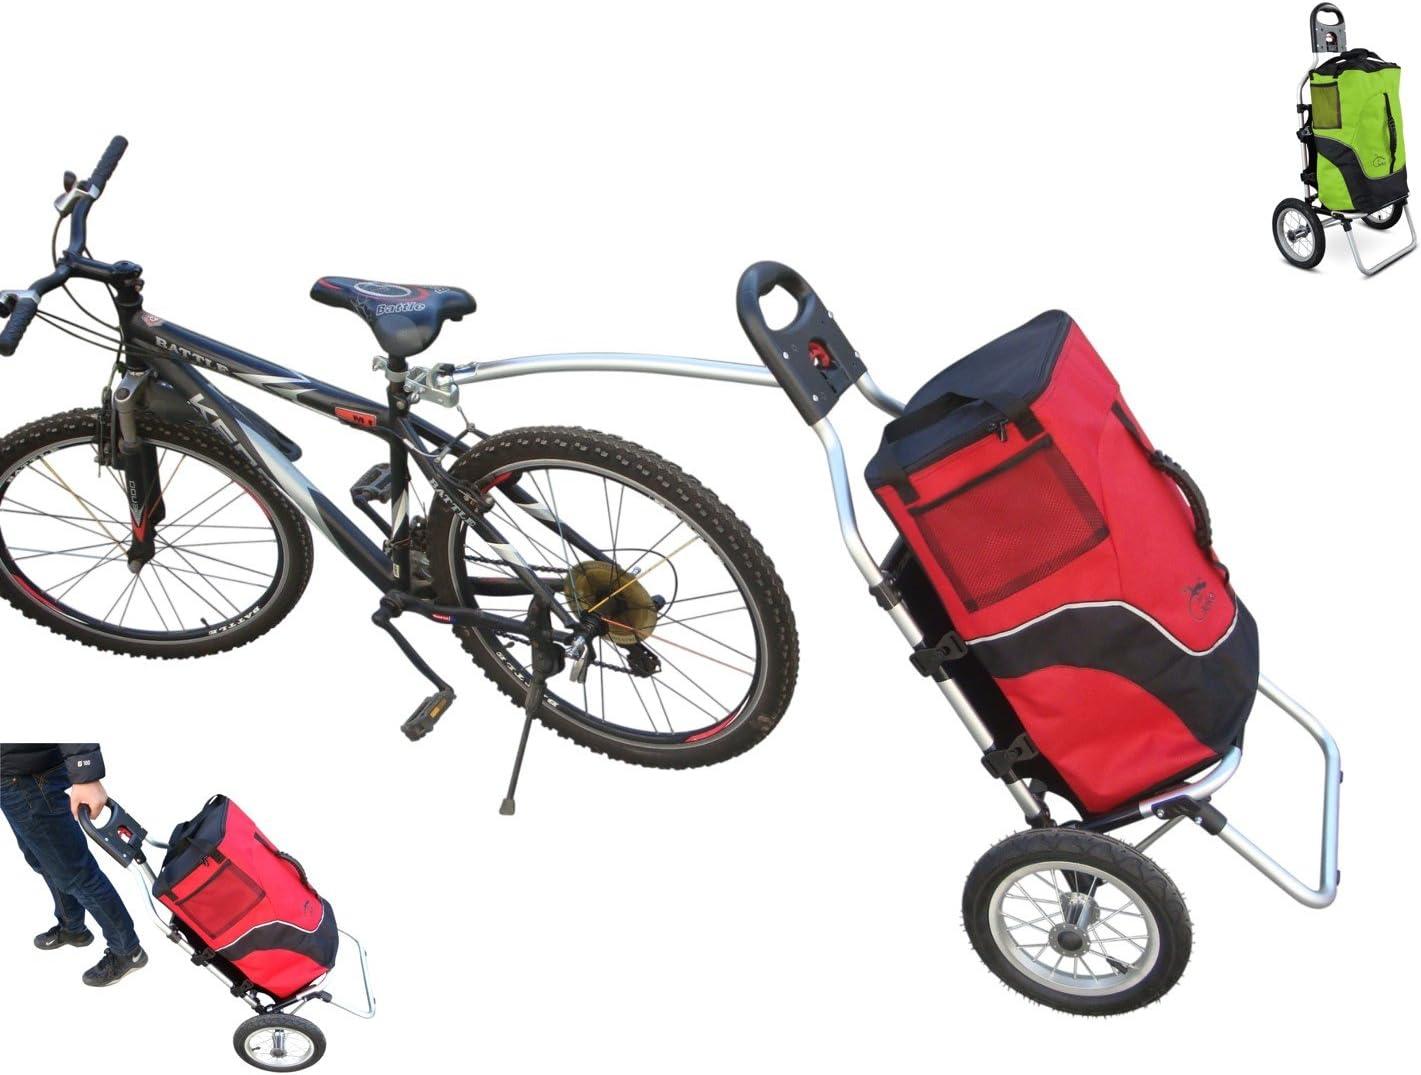 POLIRONESHOP GEKO Chariot Remorque de vélo Poussette Chariot de ...